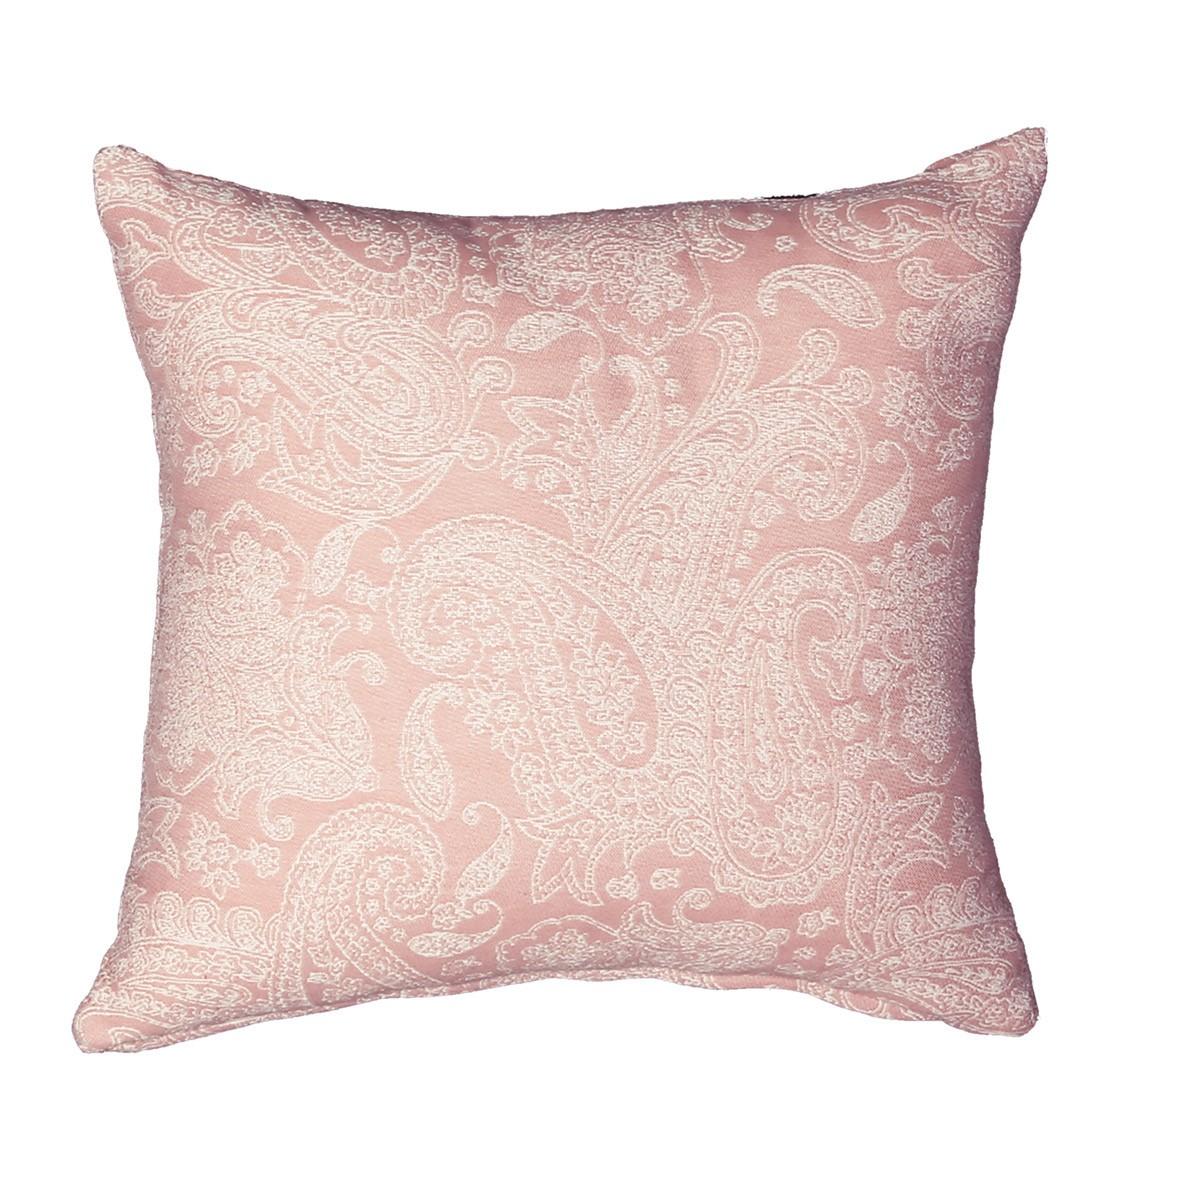 Διακοσμητικό Μαξιλάρι Nef-Nef Orleans Pink 88973